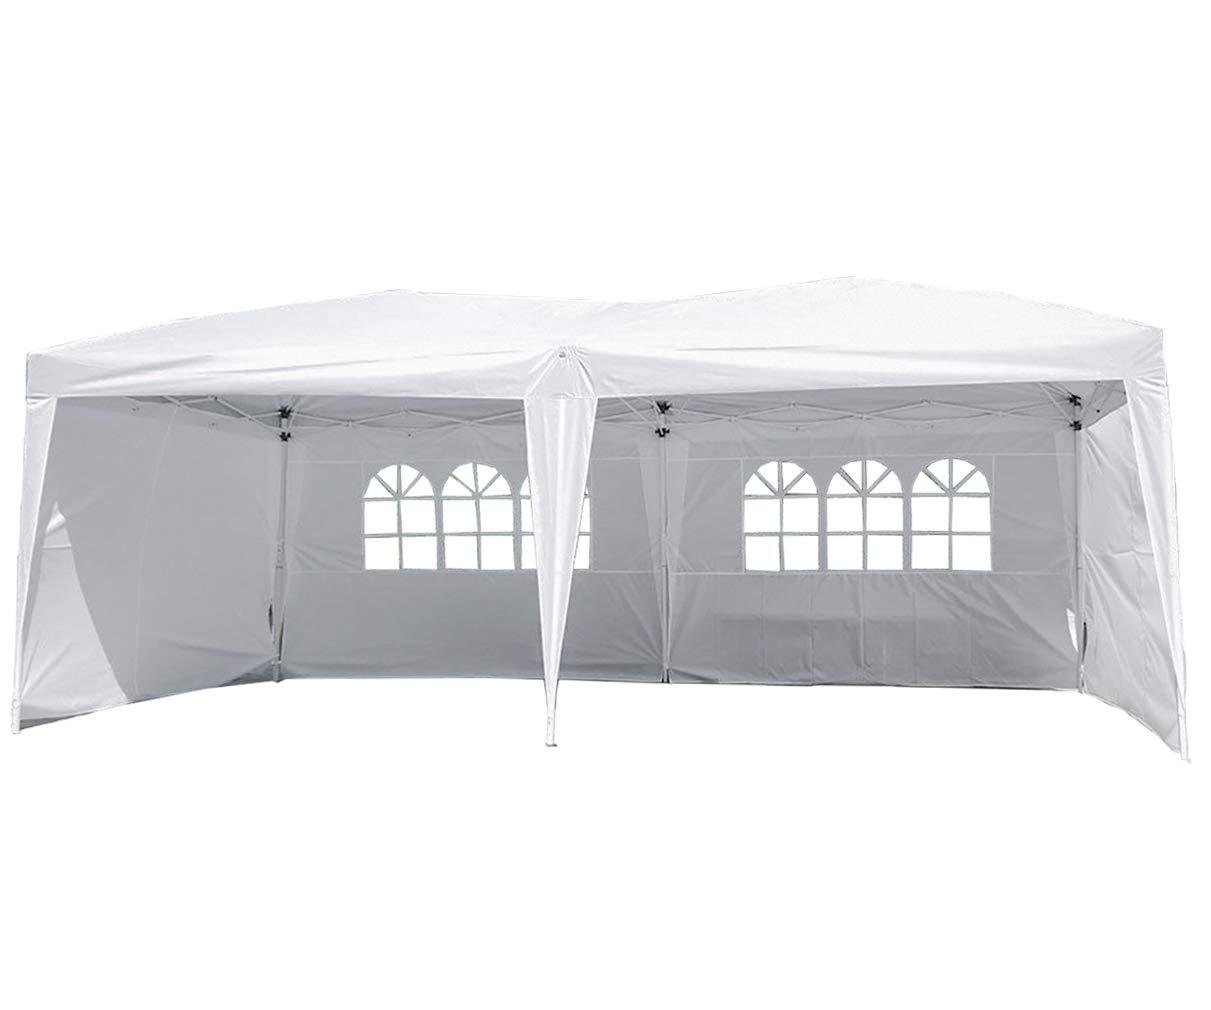 Ez Up Canopy 10x20 >> Amazon Com Party Tent Pop Up Canopy 10x20 Canopy Sun Ez Up Canopy